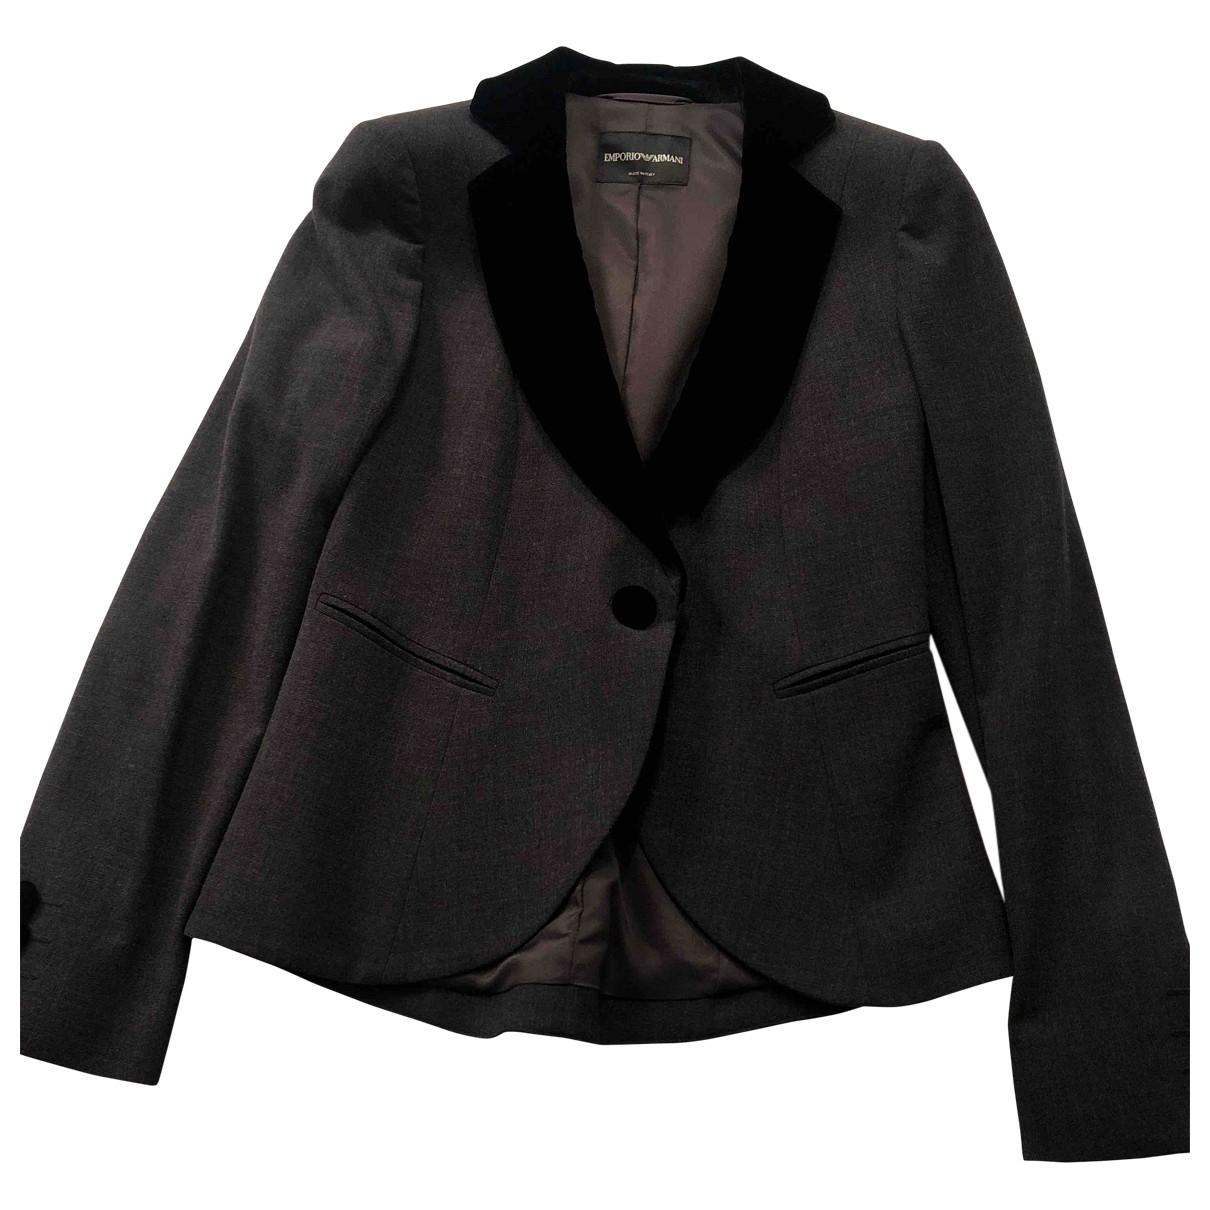 Emporio Armani \N Jacke in  Grau Wolle